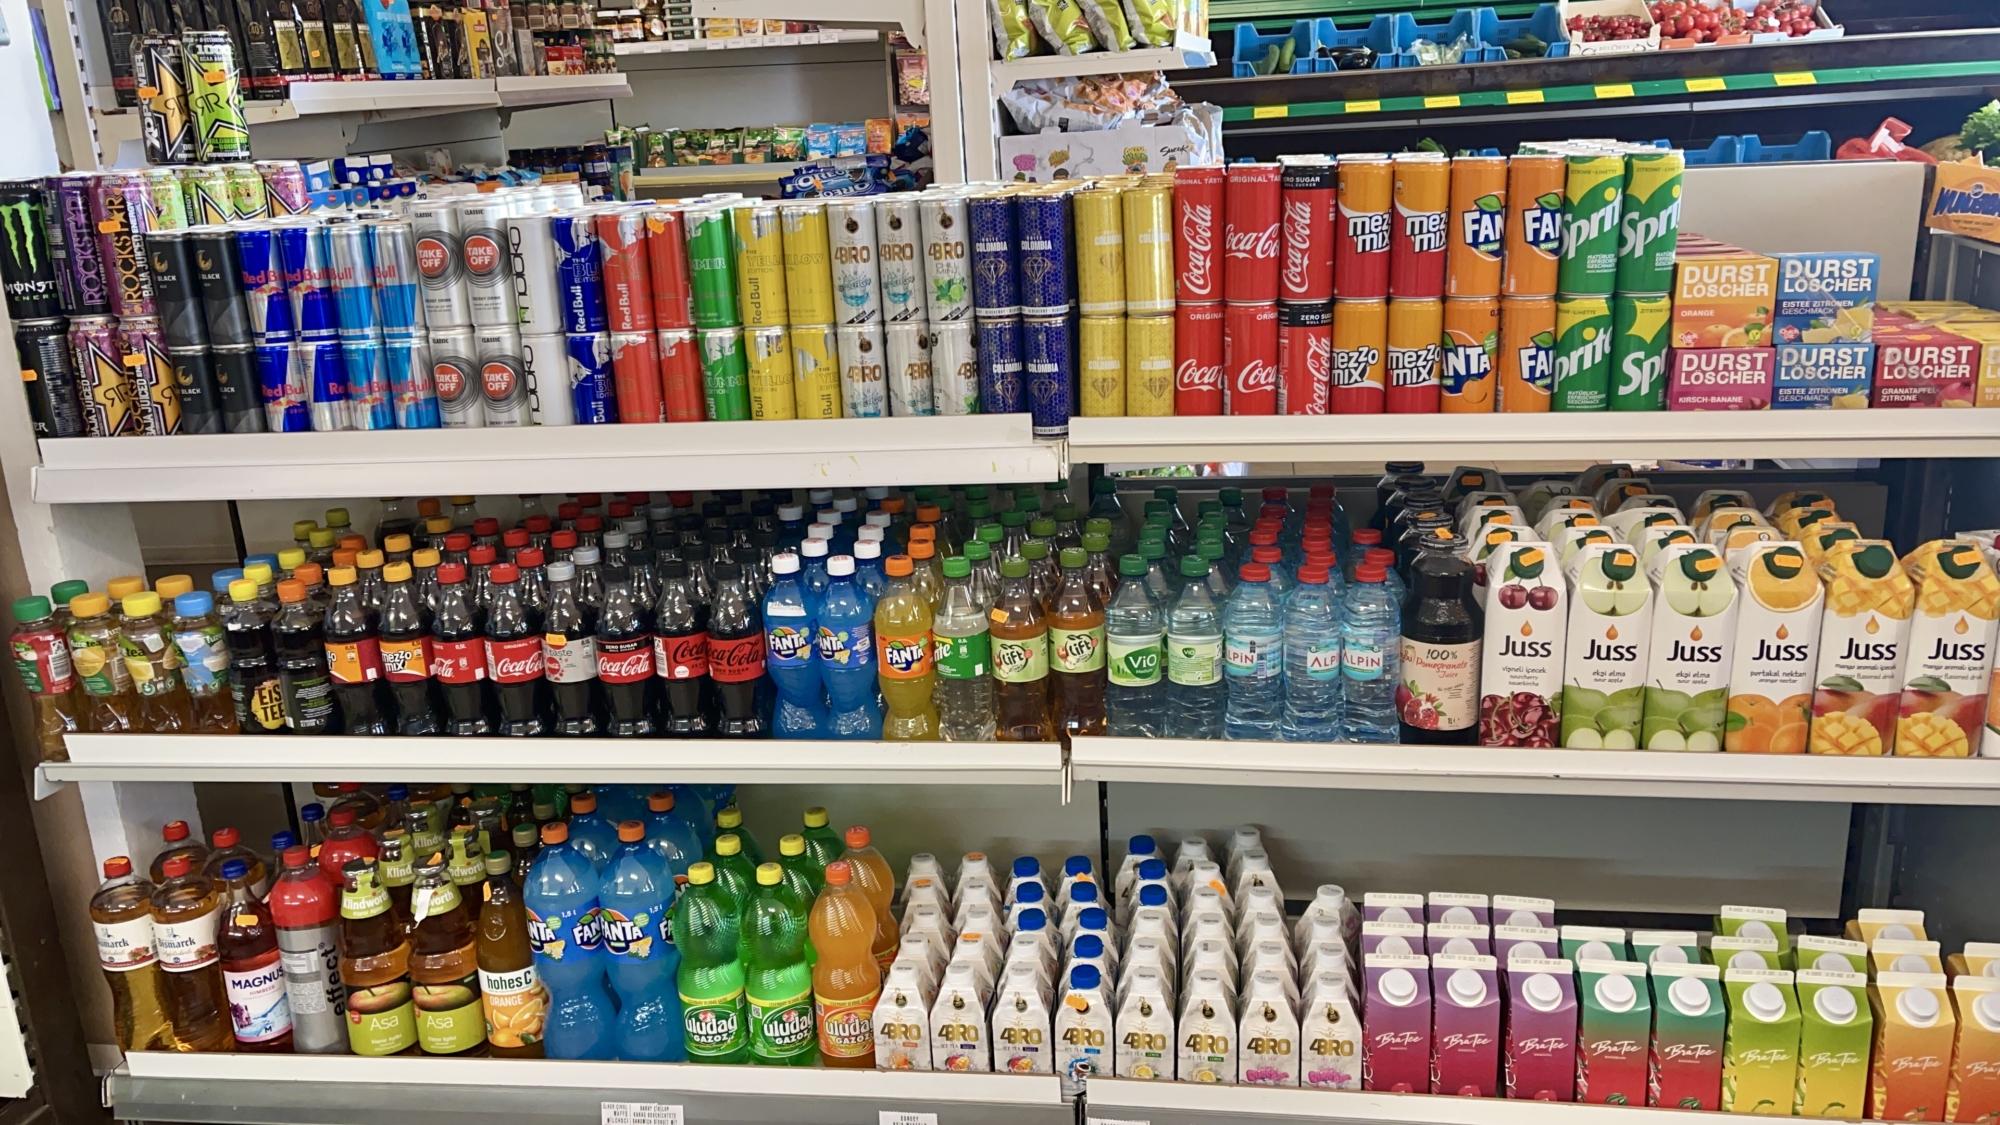 Mein-Wedel-elbkiosk-Frischemarkt-Obst-Gemuese-23